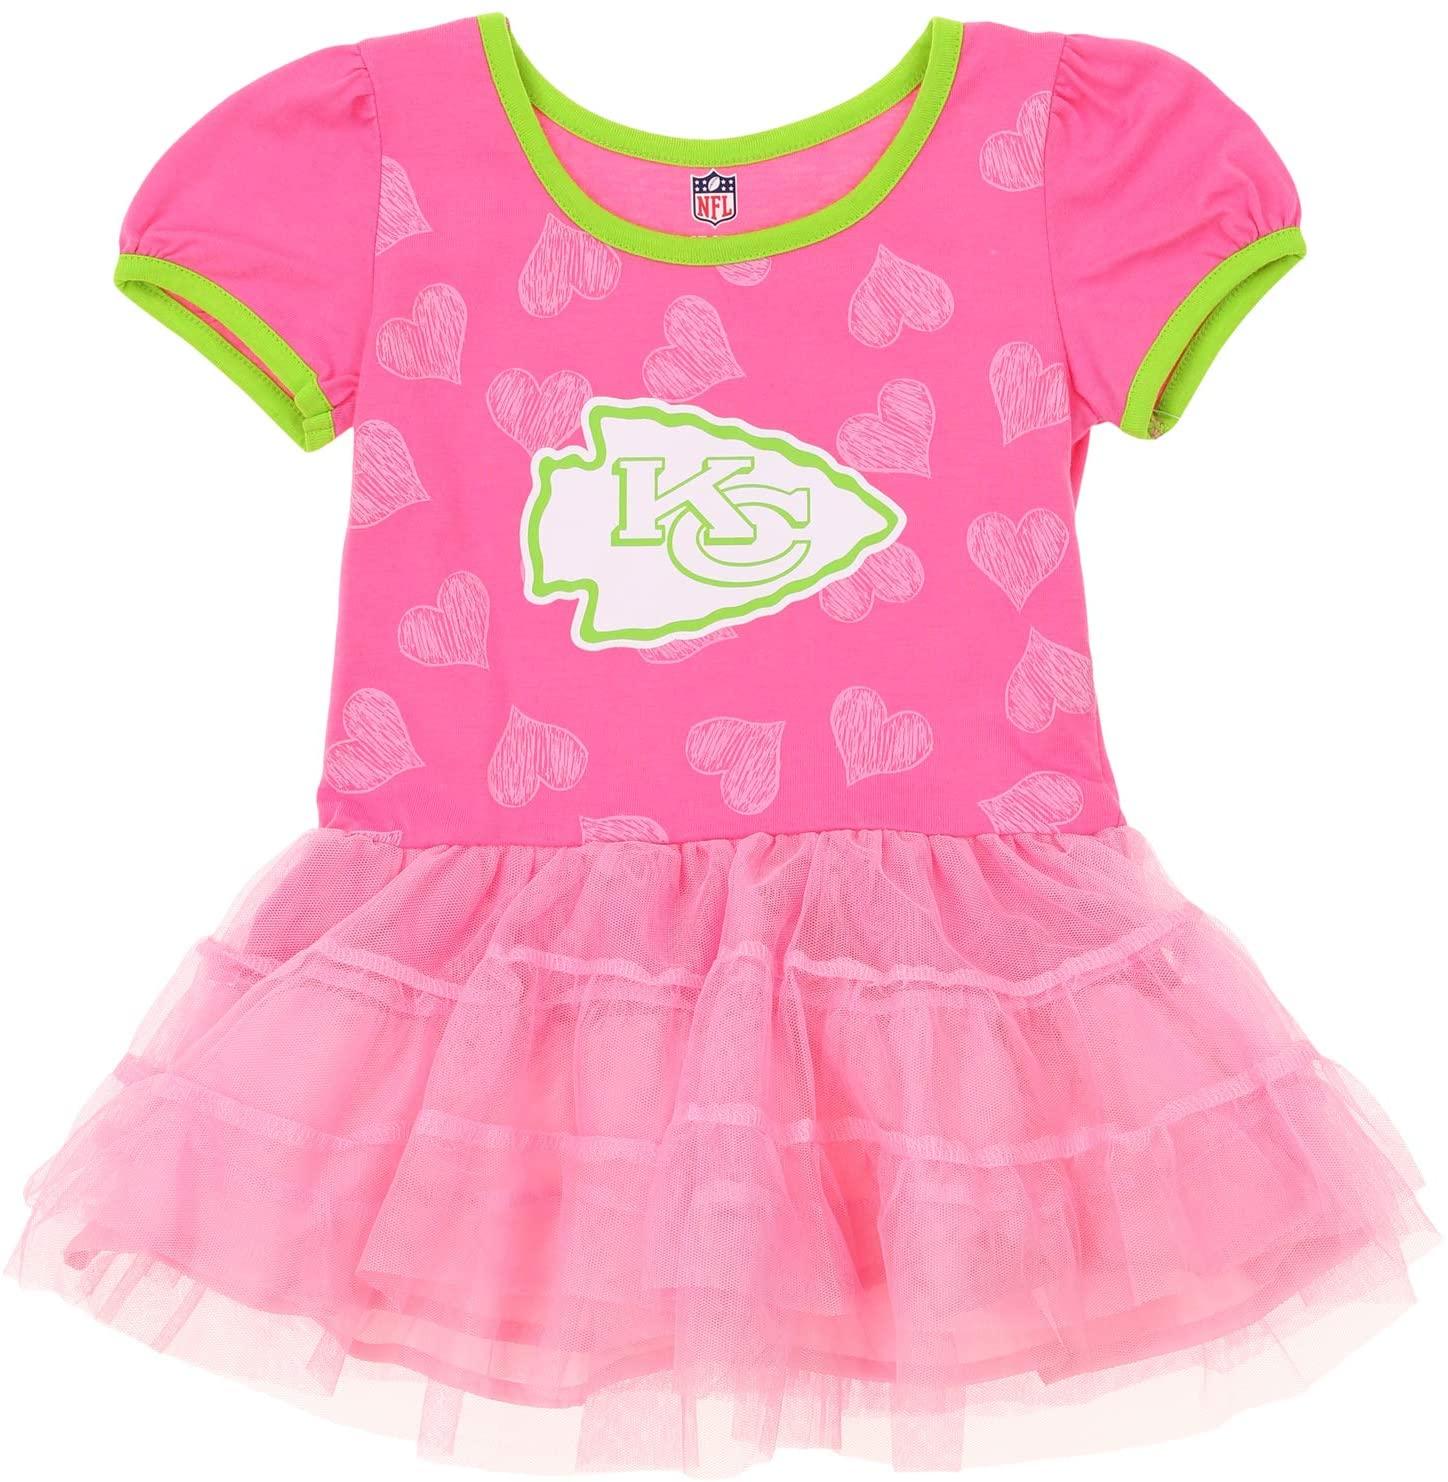 Outerstuff NFL Toddler Girl's Kansas City Chiefs Love to Dance Tutu Dress